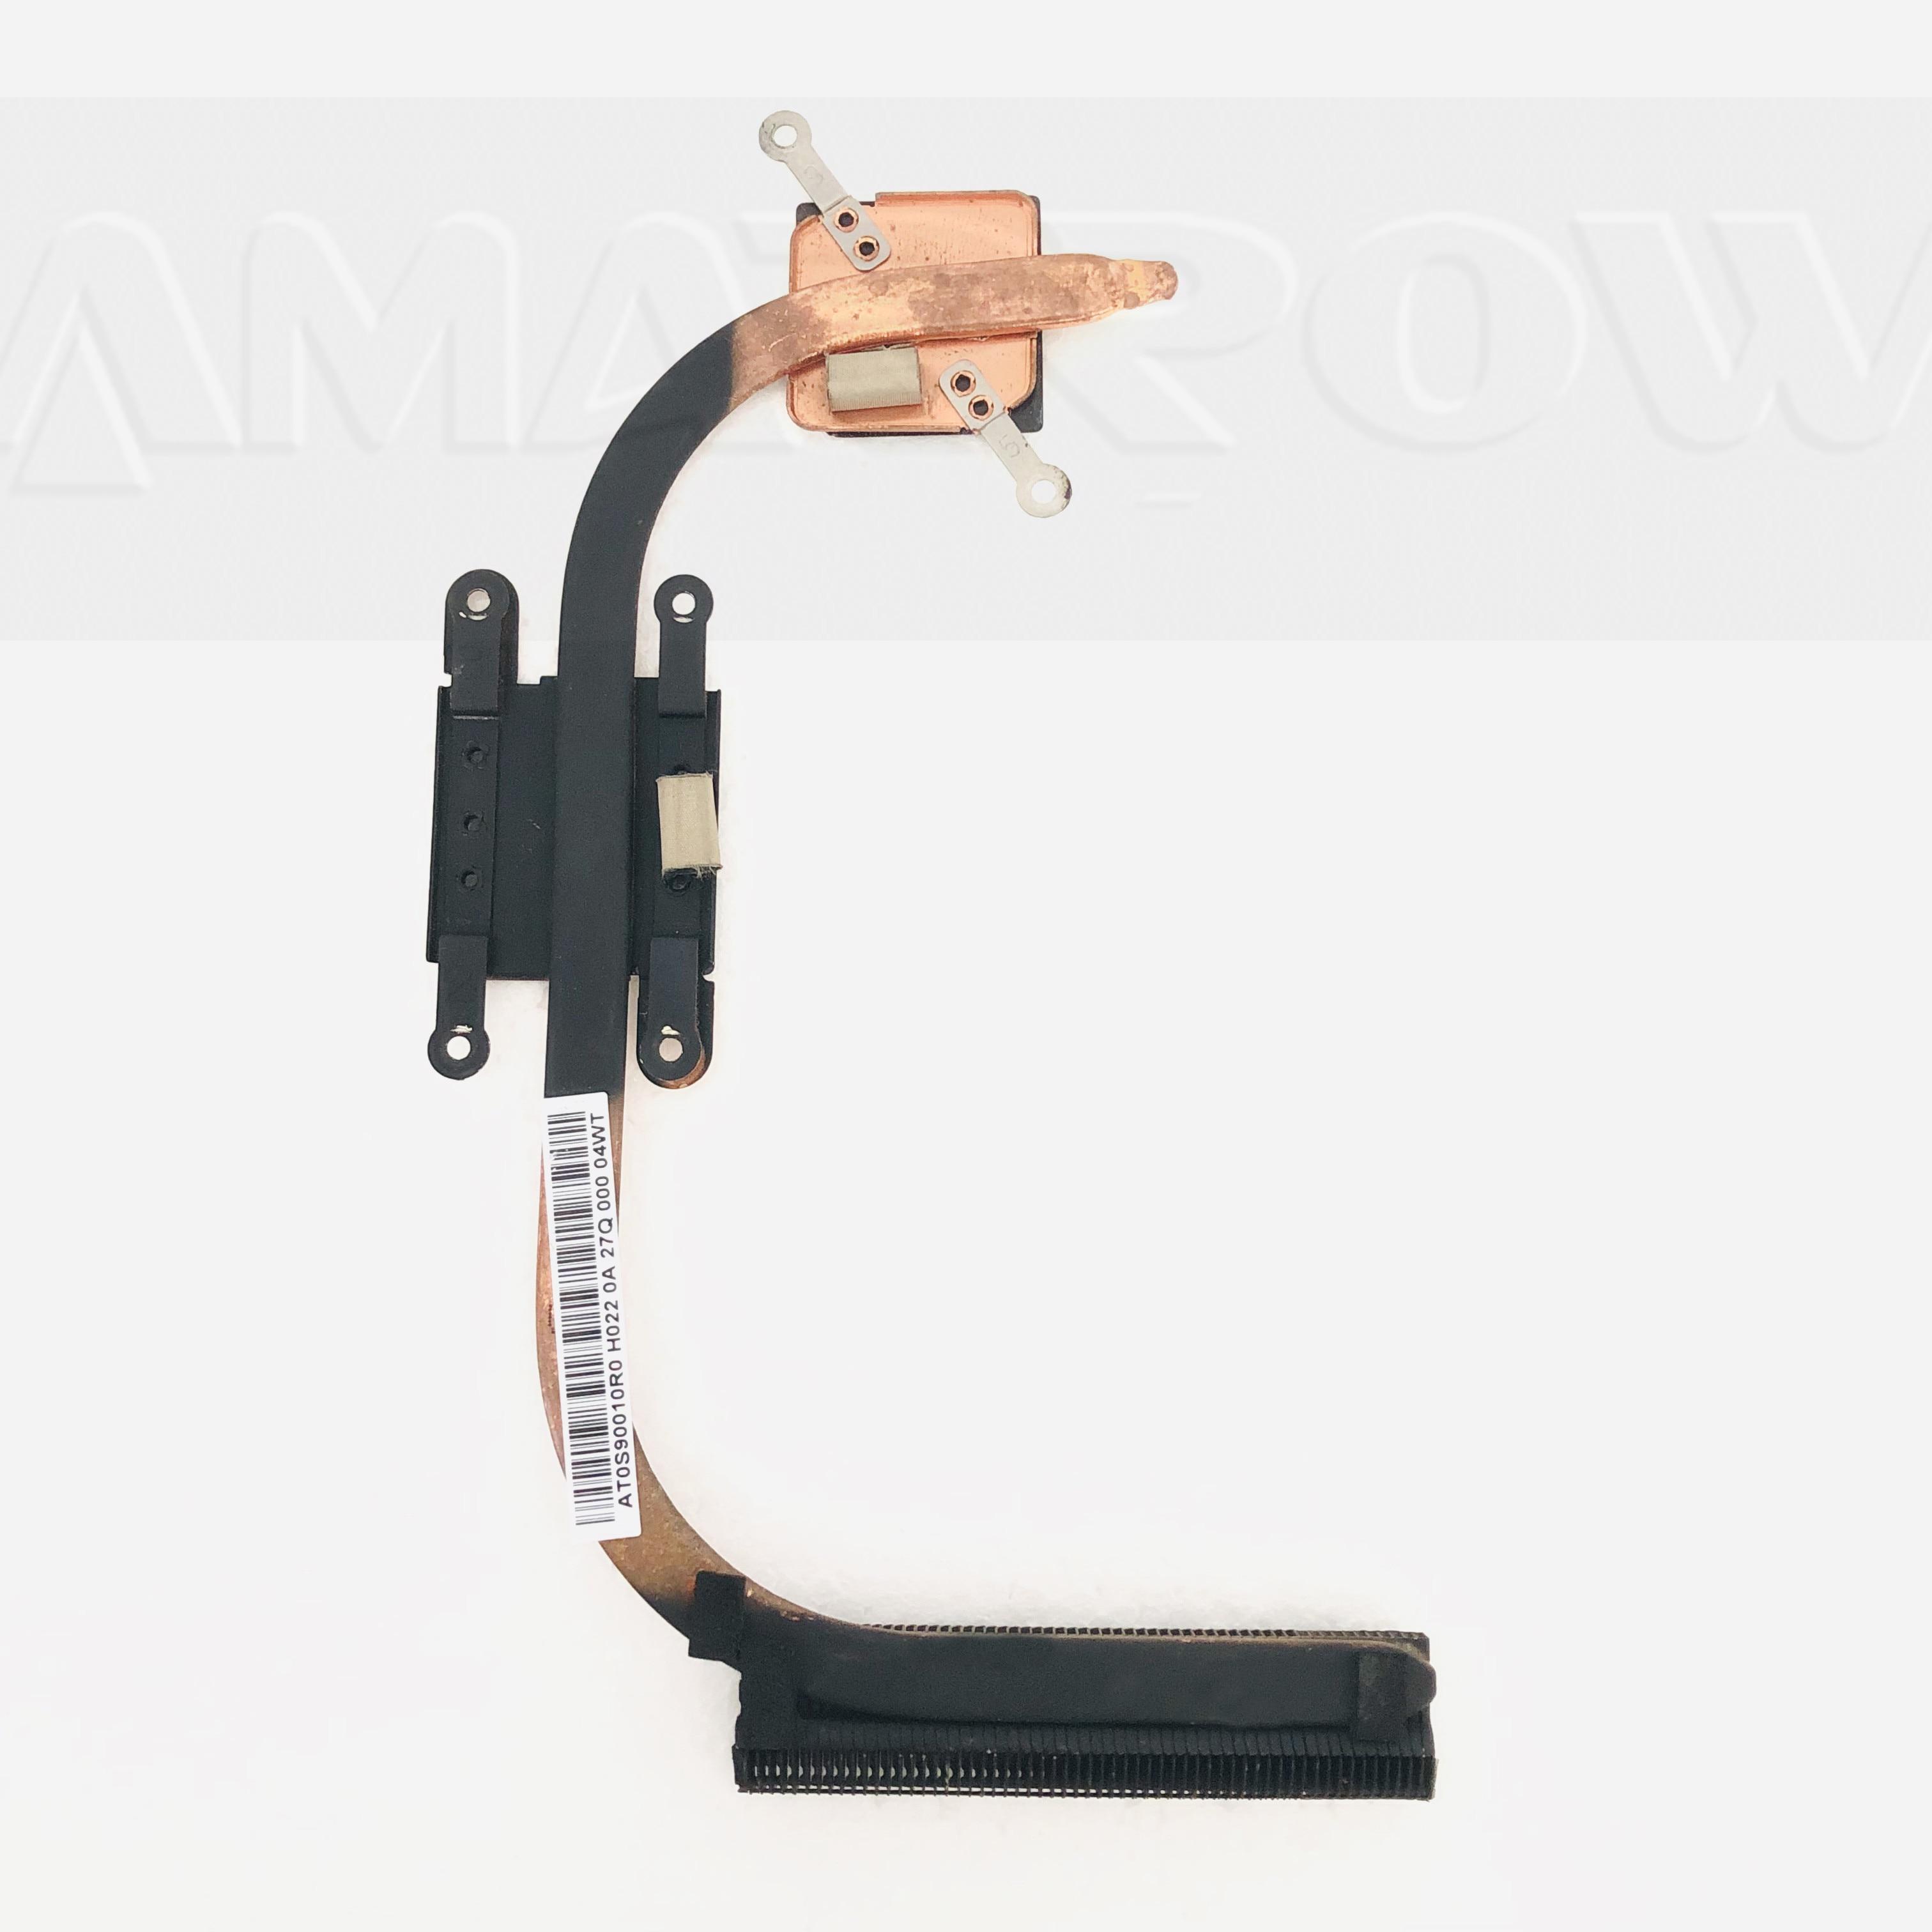 Оригинальный кулер для охлаждения процессора Lenovo S300 S400 S405, бесплатная доставка Охлаждающие подставки для ноутбуков      АлиЭкспресс